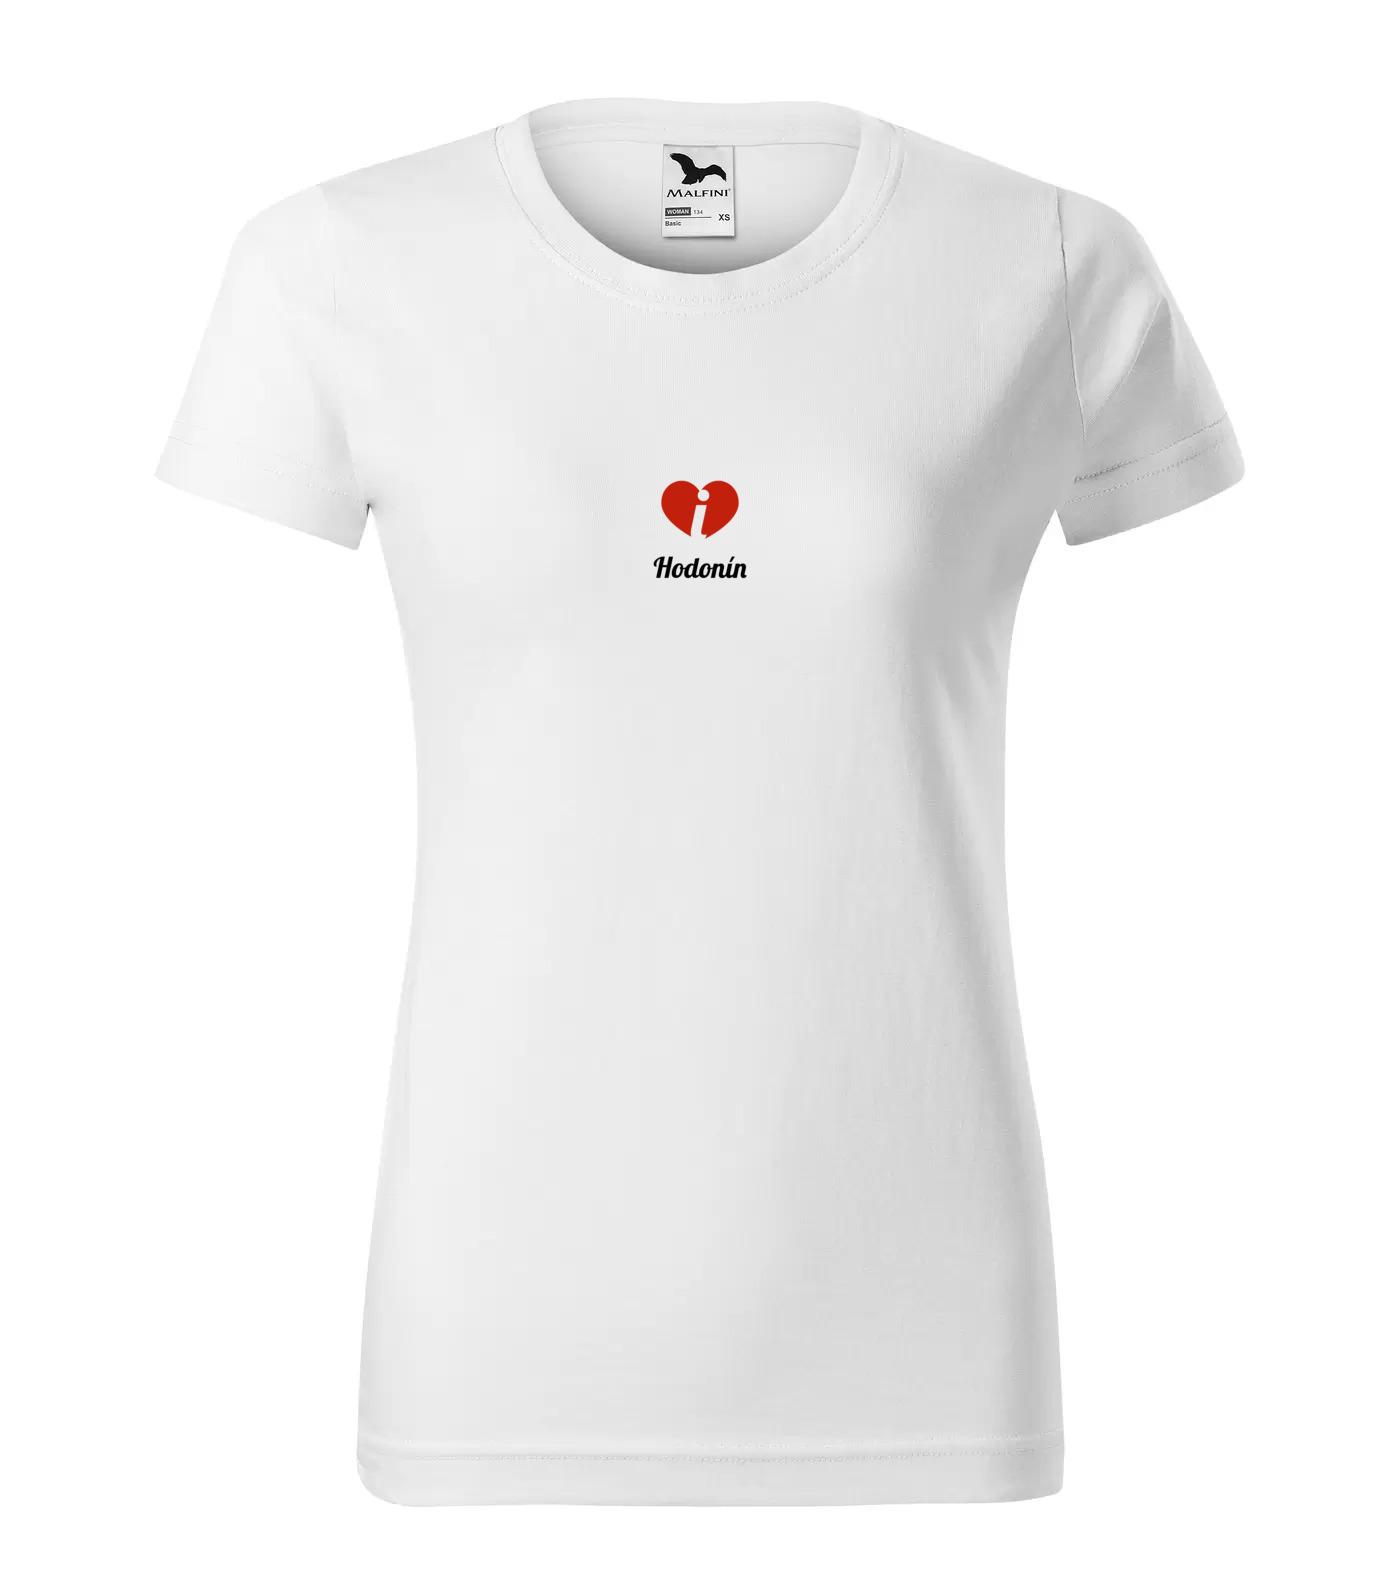 Tričko Hodonín